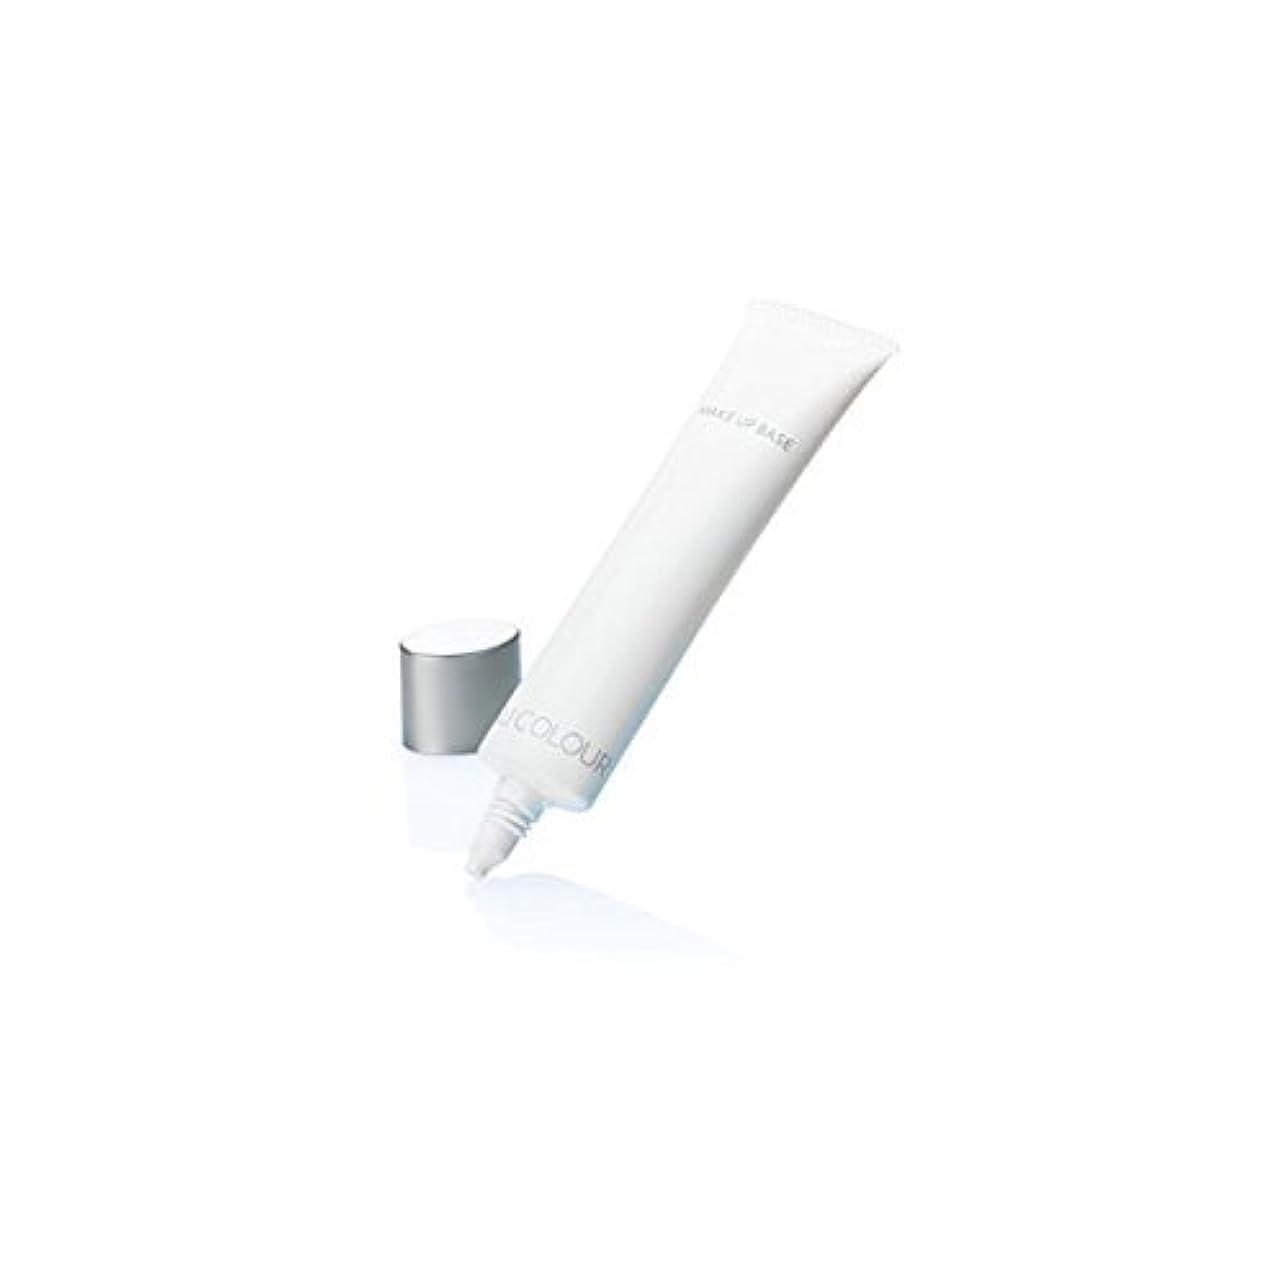 合金気を散らすうまくいけばニュースキン NU SKIN UV メイクアップ ベース SPF18?PA++ クリア 03160813